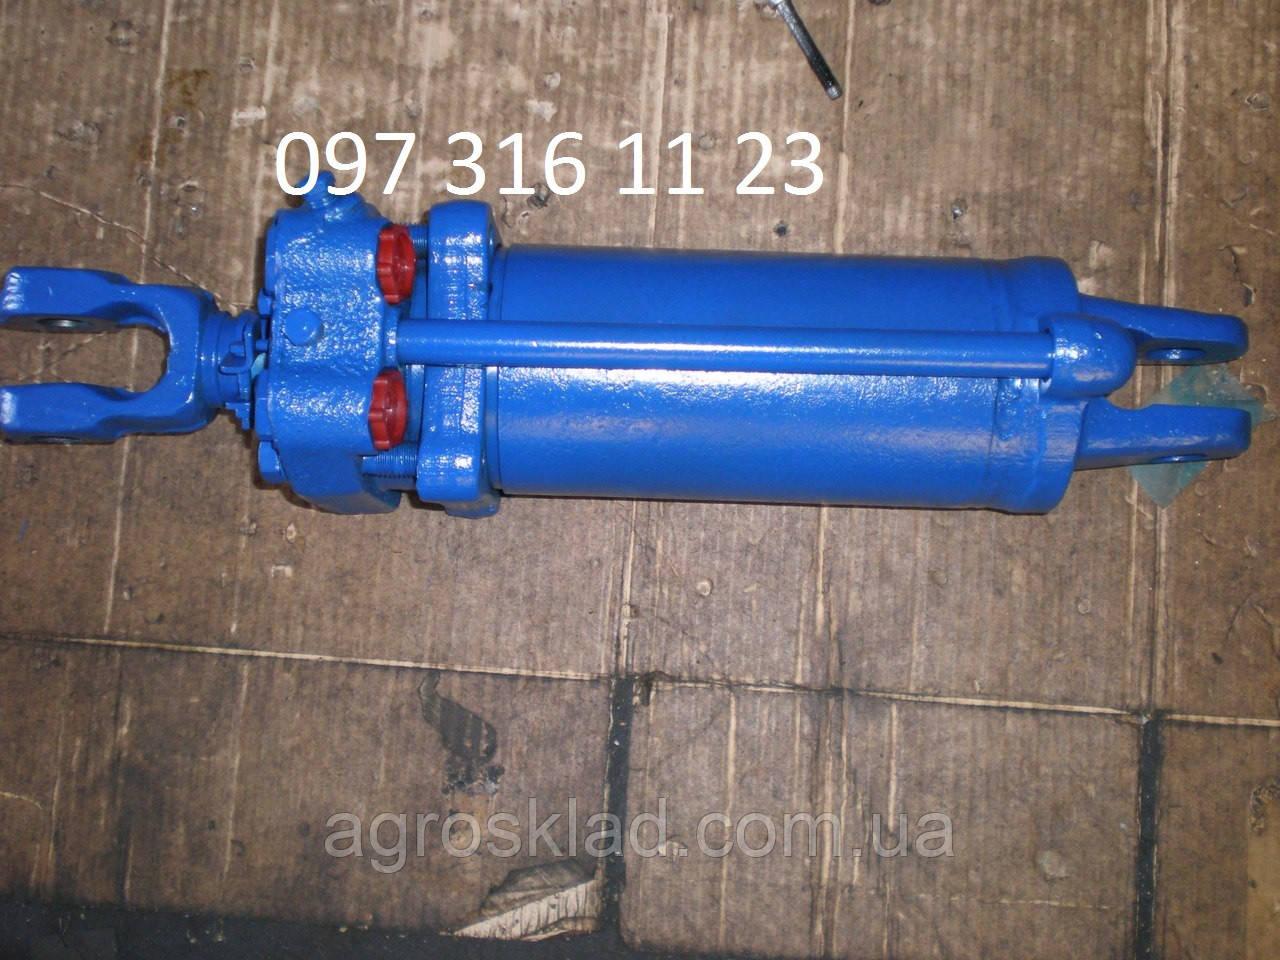 Гидроцилиндр ЦС-100х200 (нового образца)